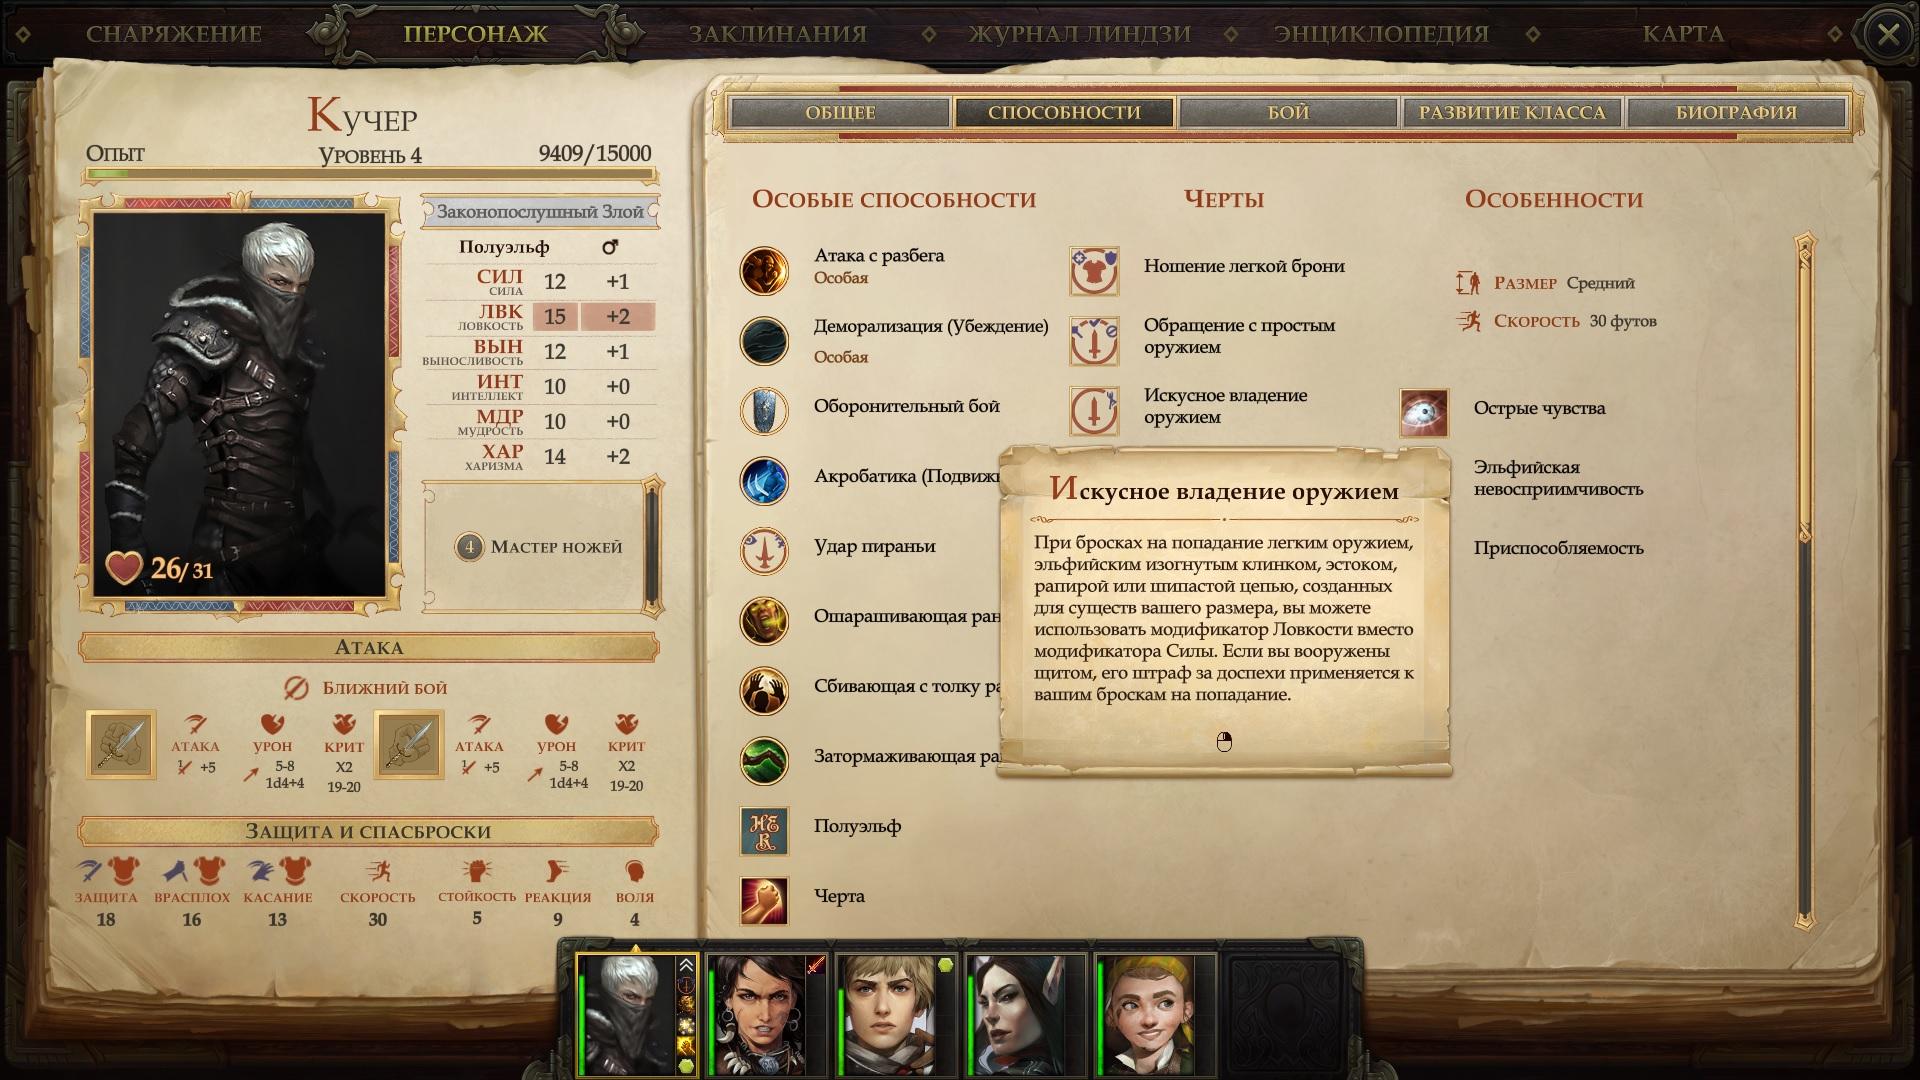 Обсуждение Pathfinder: Kingmaker - обсуждение игры ( основная тема